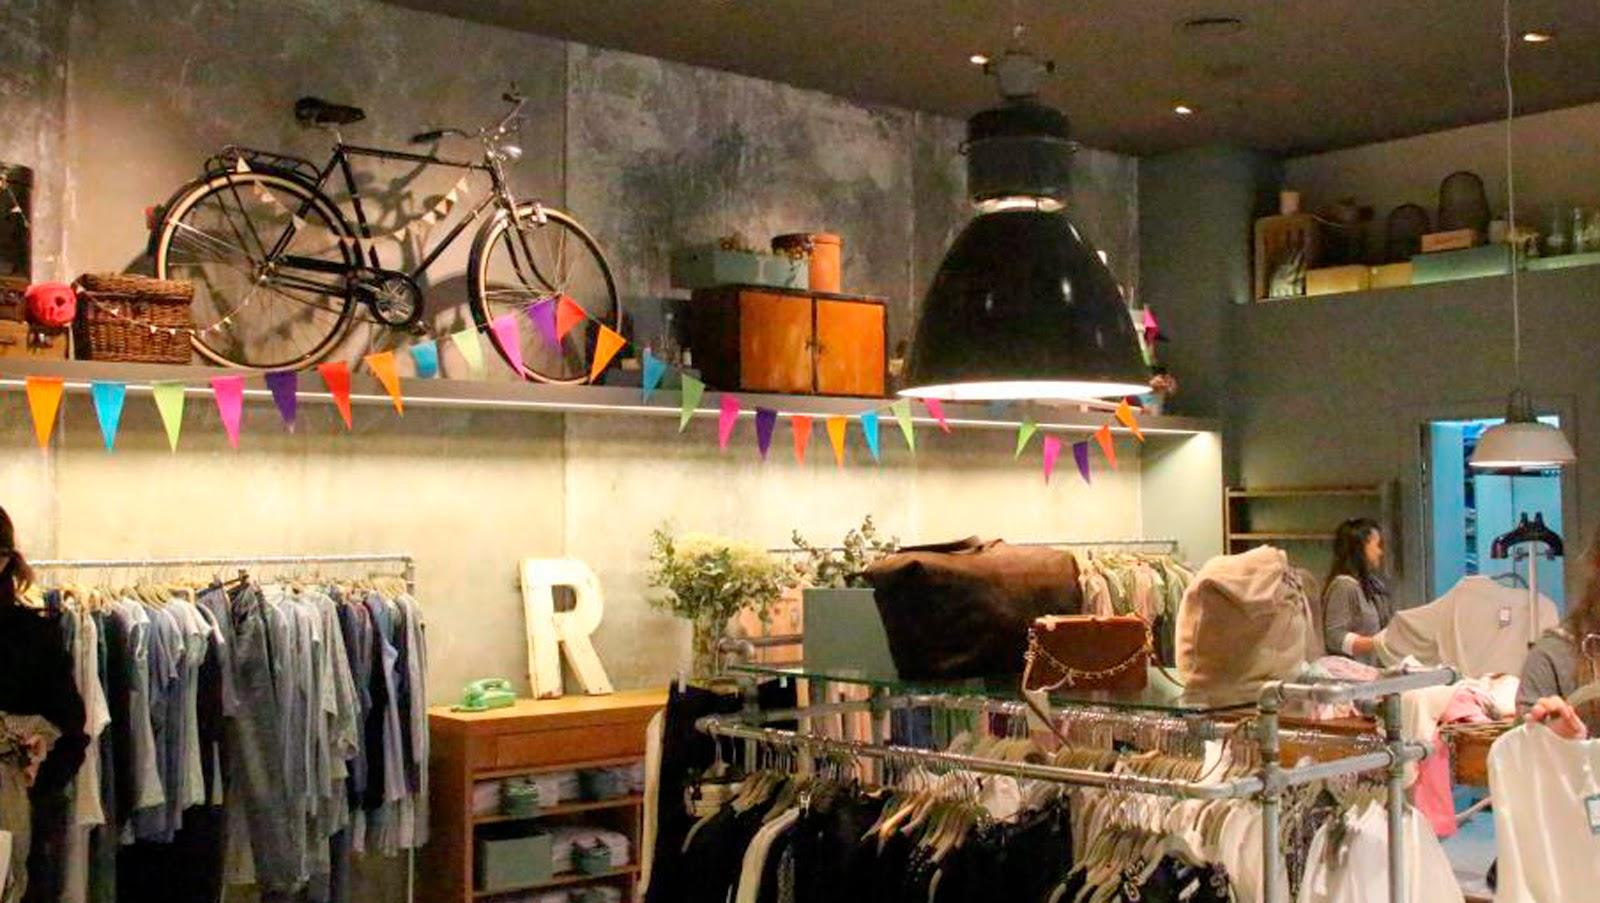 Renatta & Go,tienda,ropa, complementos, madrid,original